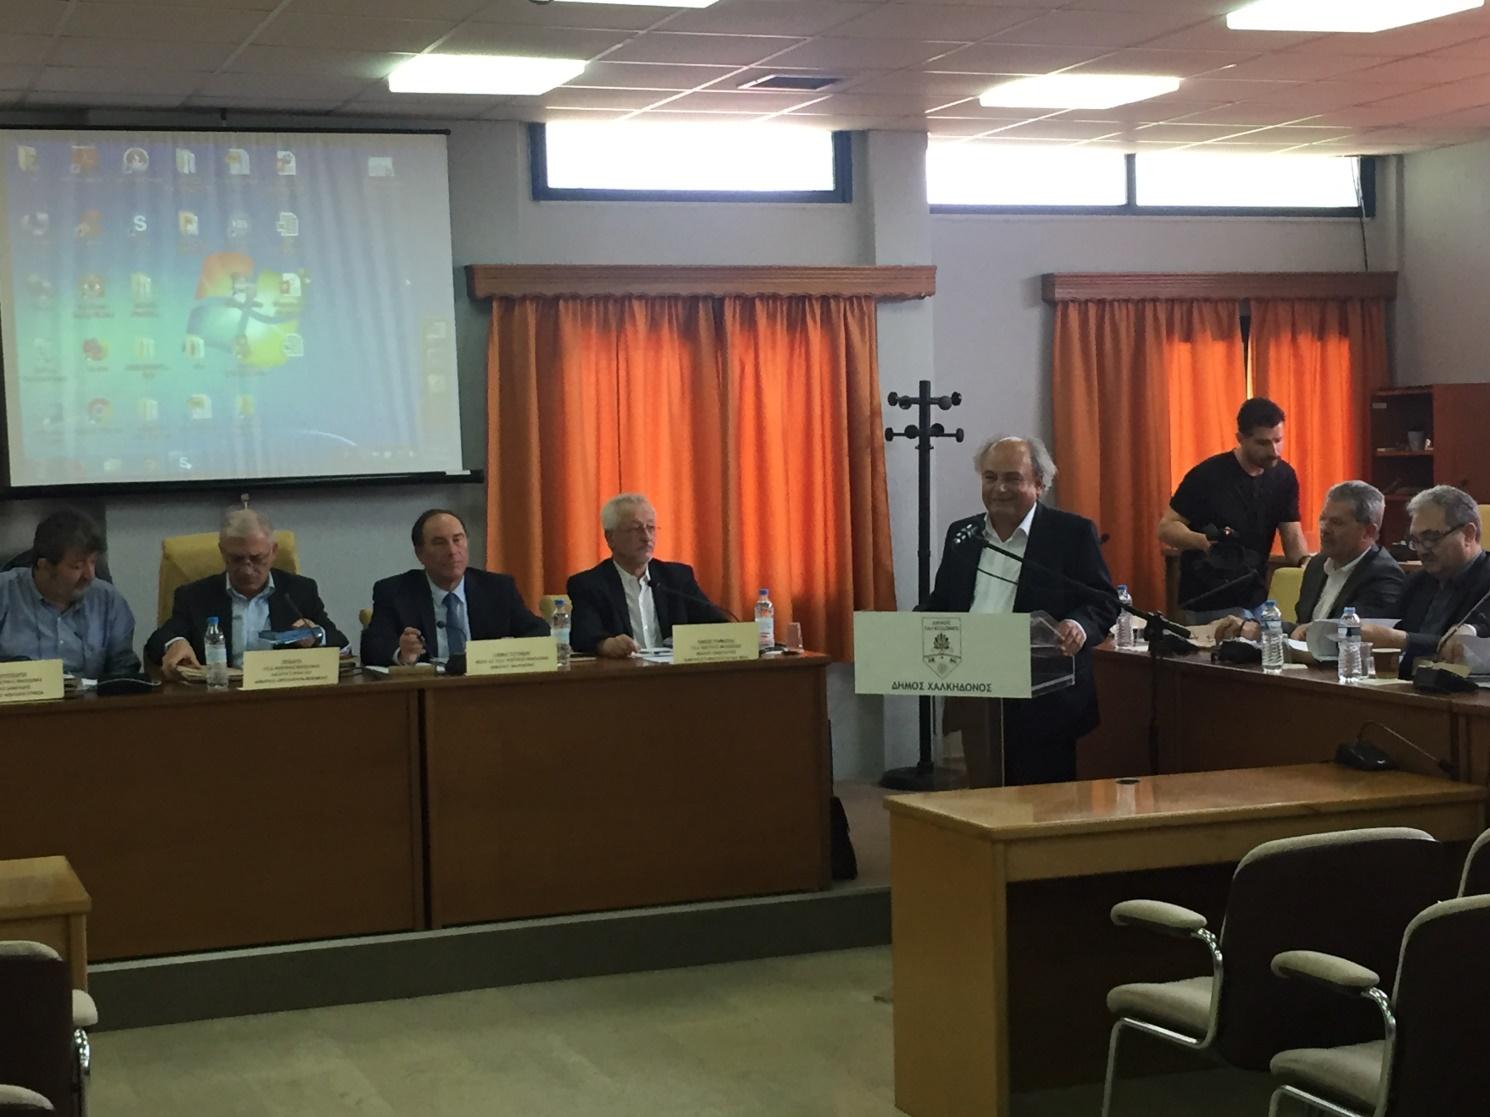 Η Μαθητεία αποφοίτων ΕΠΑ.Λ. στη συνεδρίαση του Διοικητικού Συμβουλίου    της Περιφερειακής Ένωσης Δήμων Κεντρικής Μακεδονίας